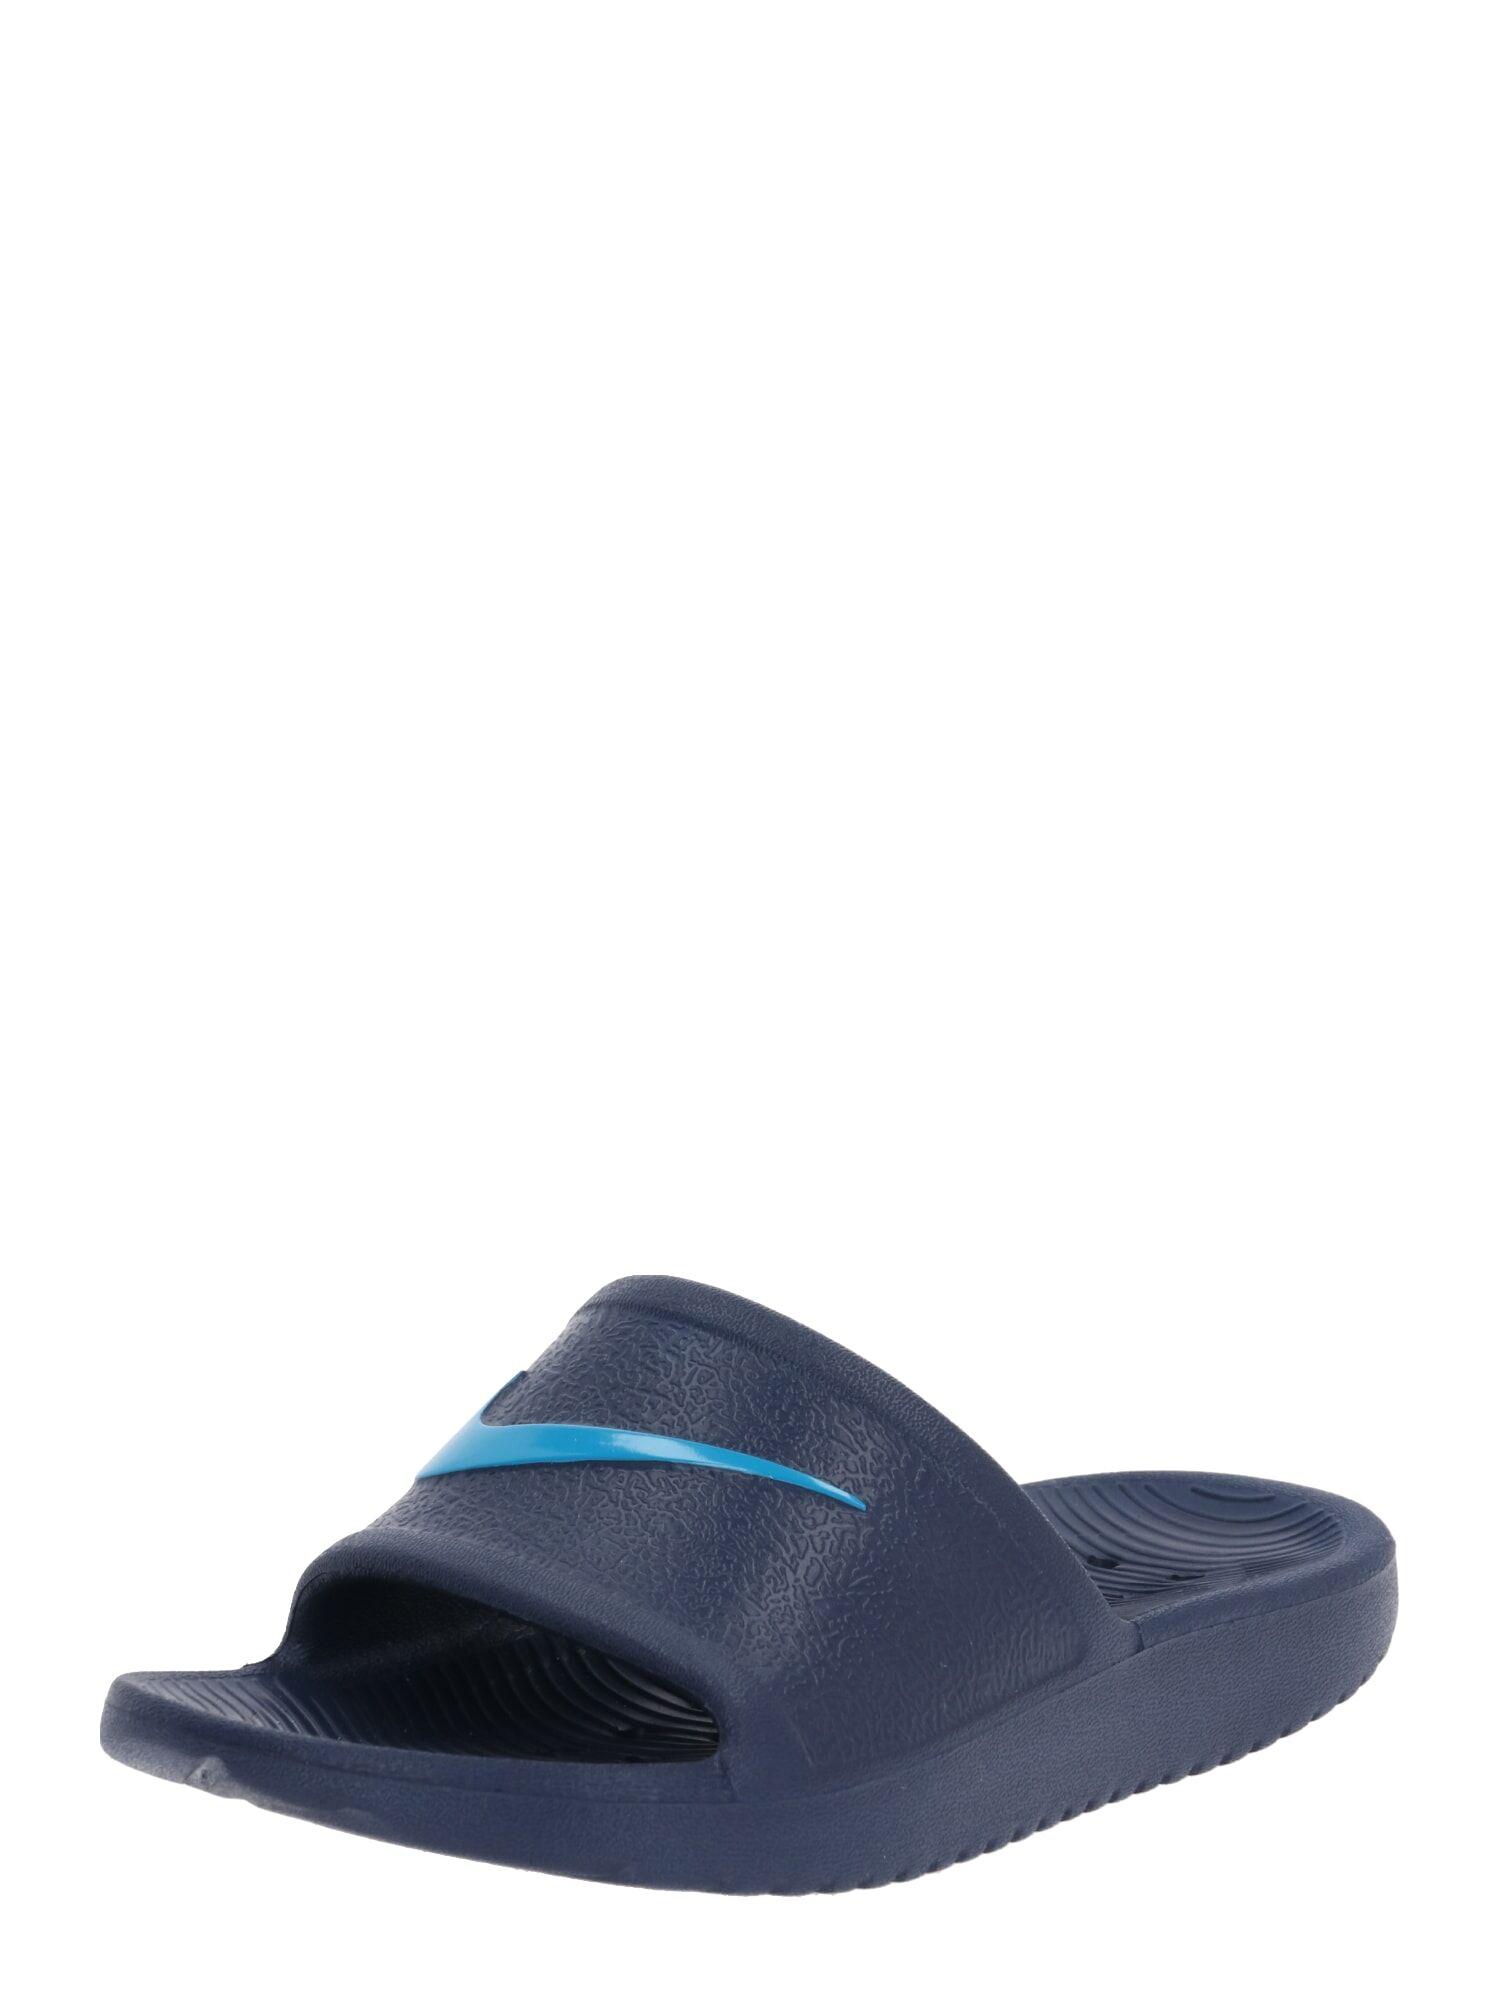 Nike Sportswear Chaussures ouvertes 'KAWA'  - Bleu - Taille: 2Y - boy